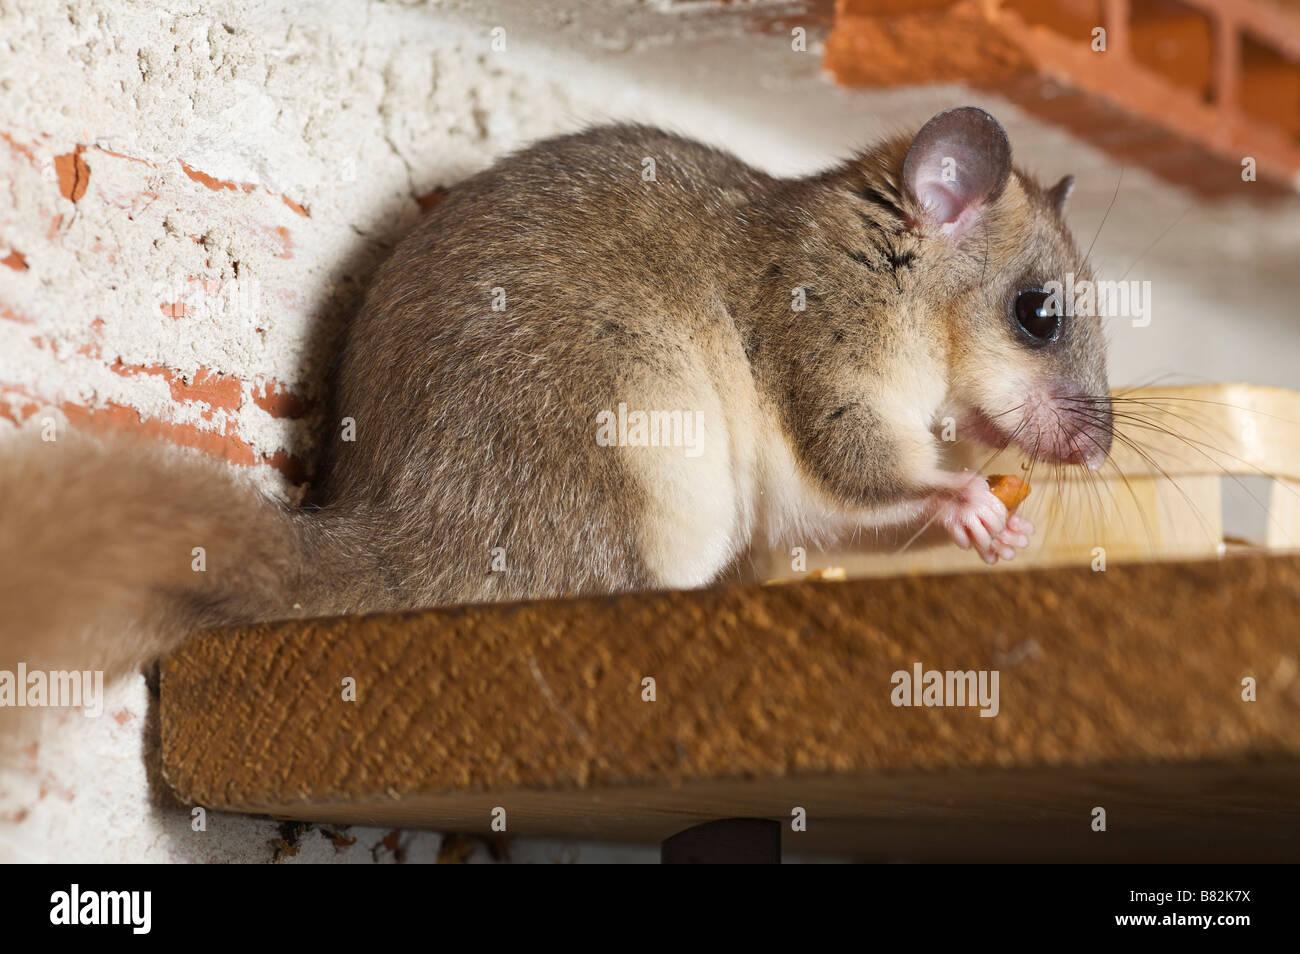 commestibili o fat ghiro myoxus glis in una casa brive la guaillarde